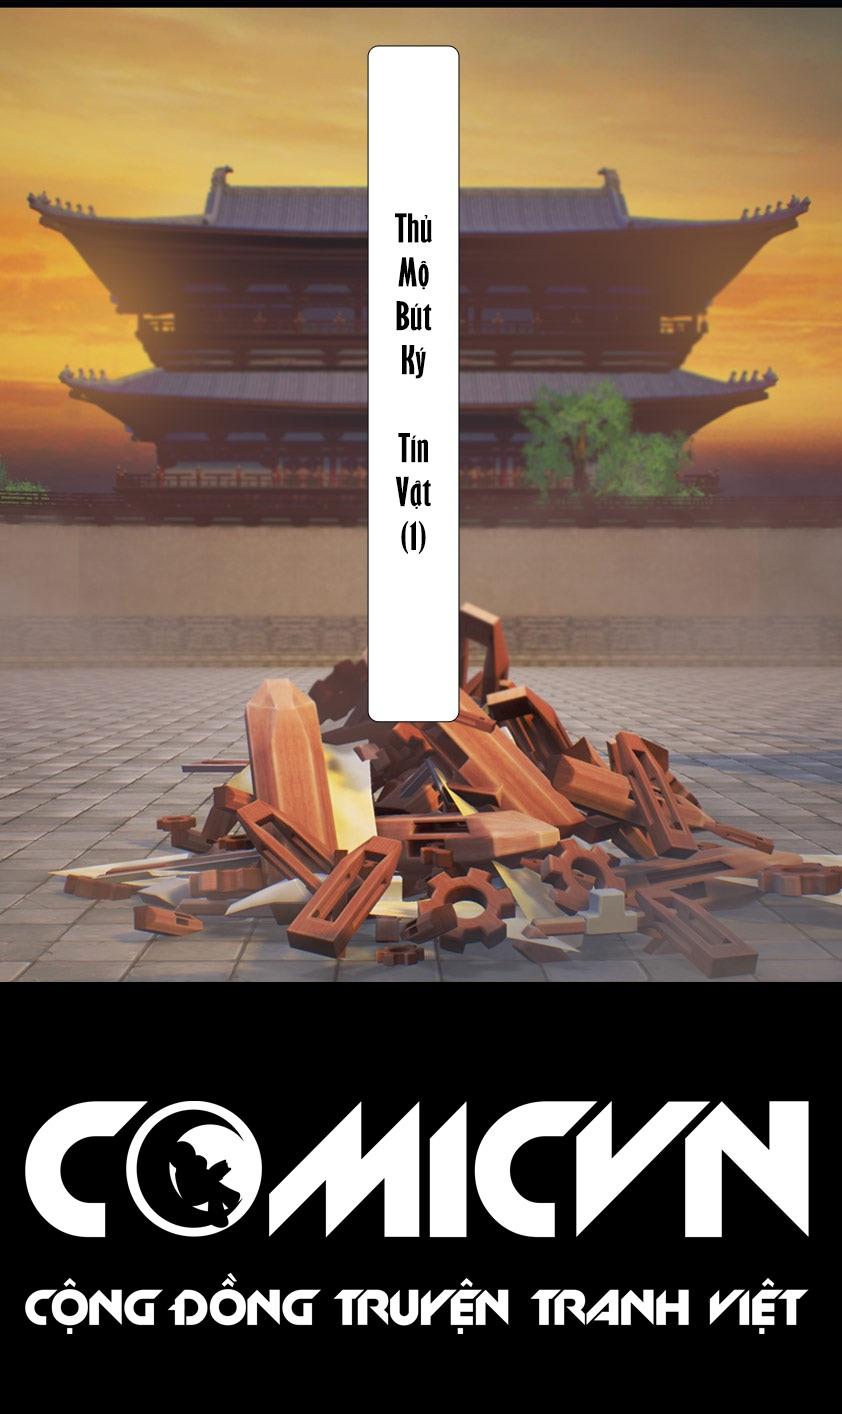 Thủ Mộ Bút Ký - Chapter 31: Tín vật 1 - Pic 1